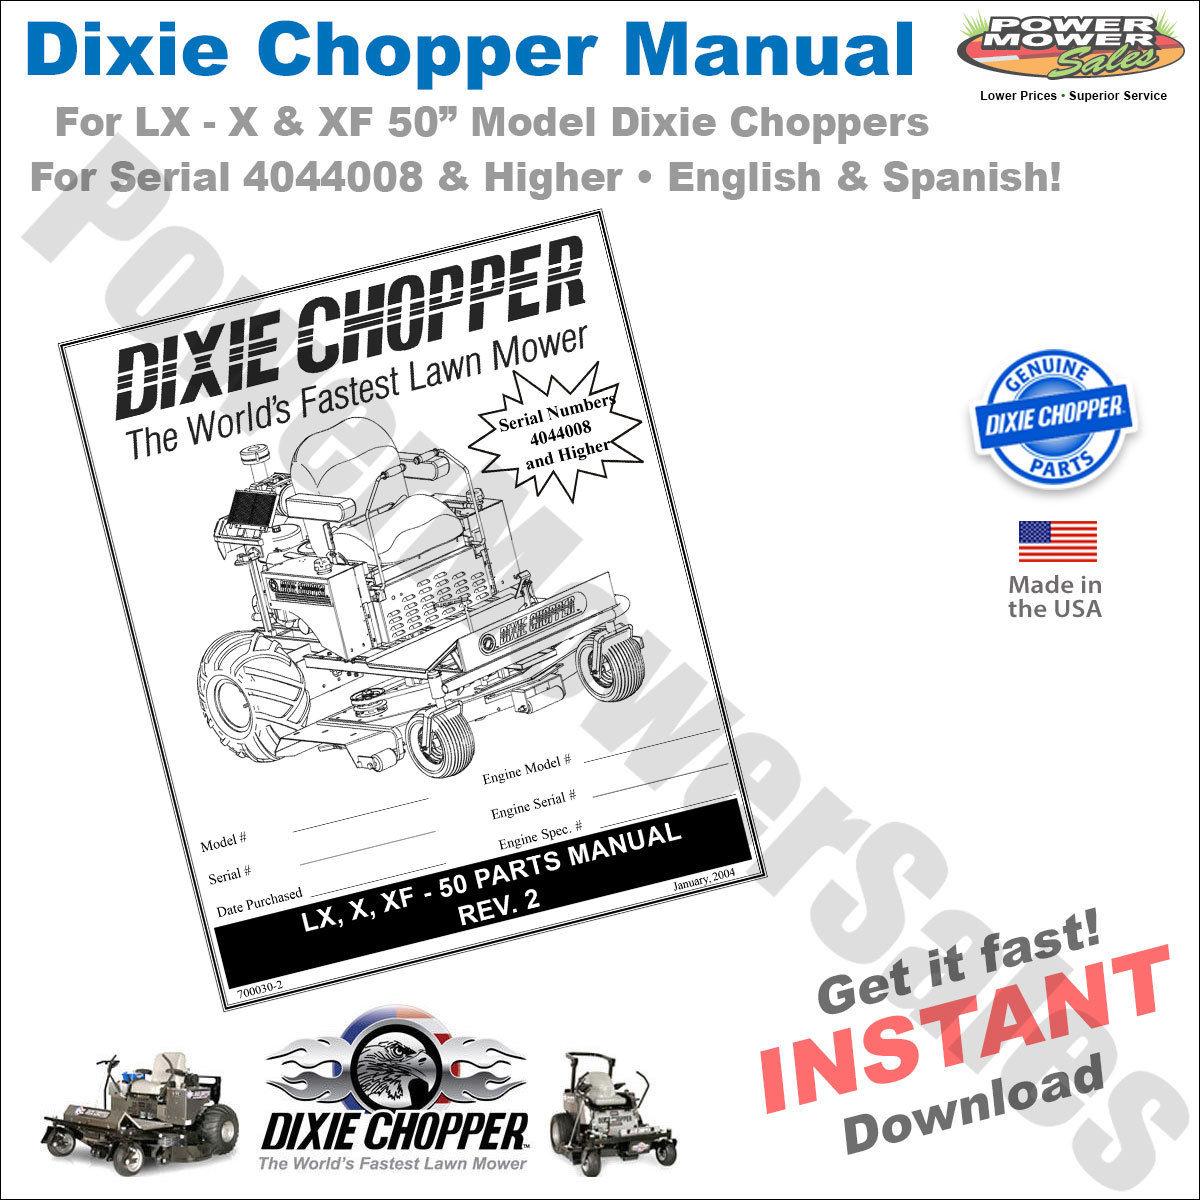 Dixie Chopper Xt3000 manual